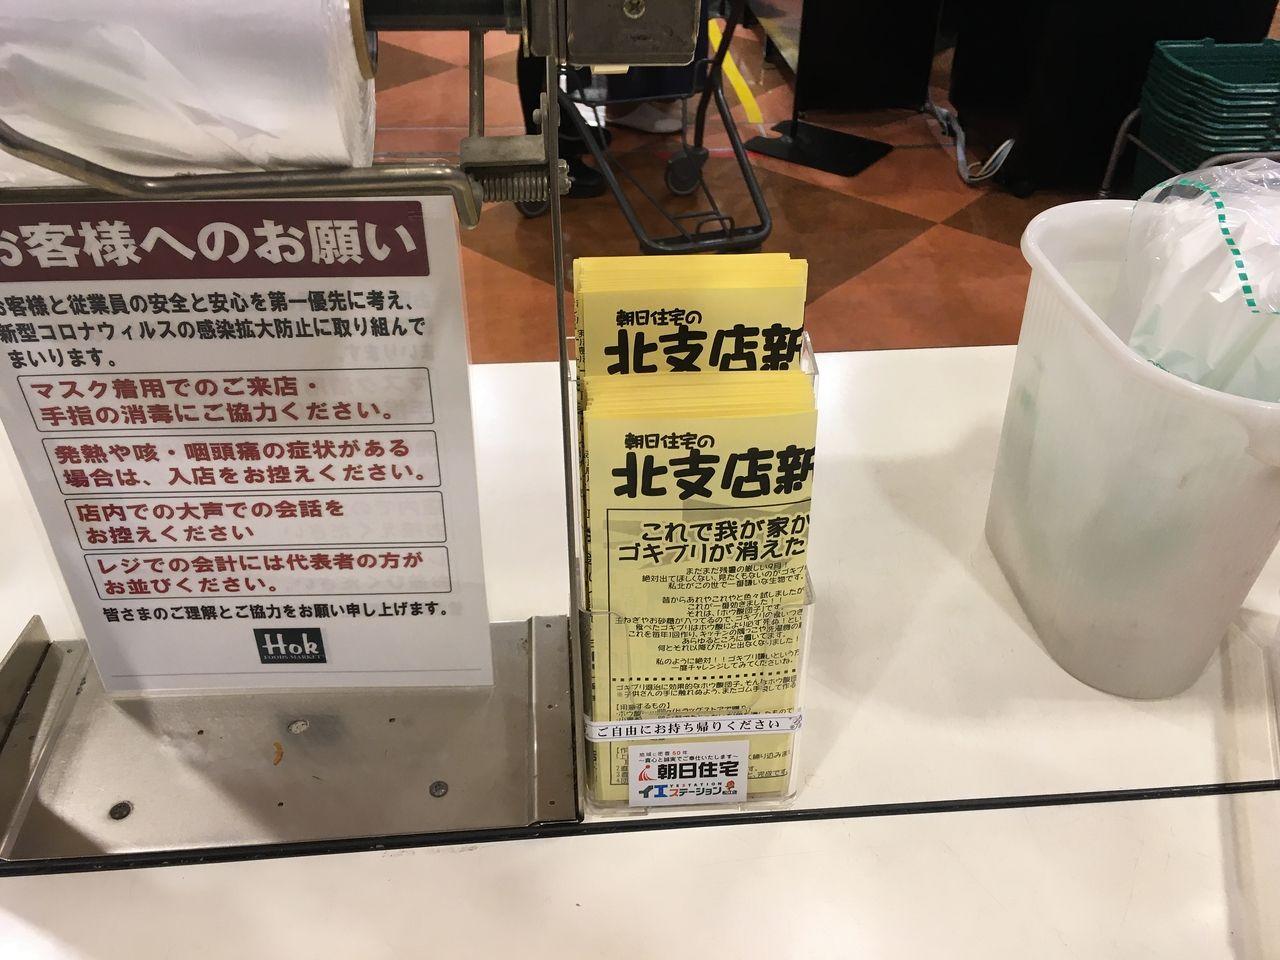 朝日住宅 松江市賃貸情報 キャスパル